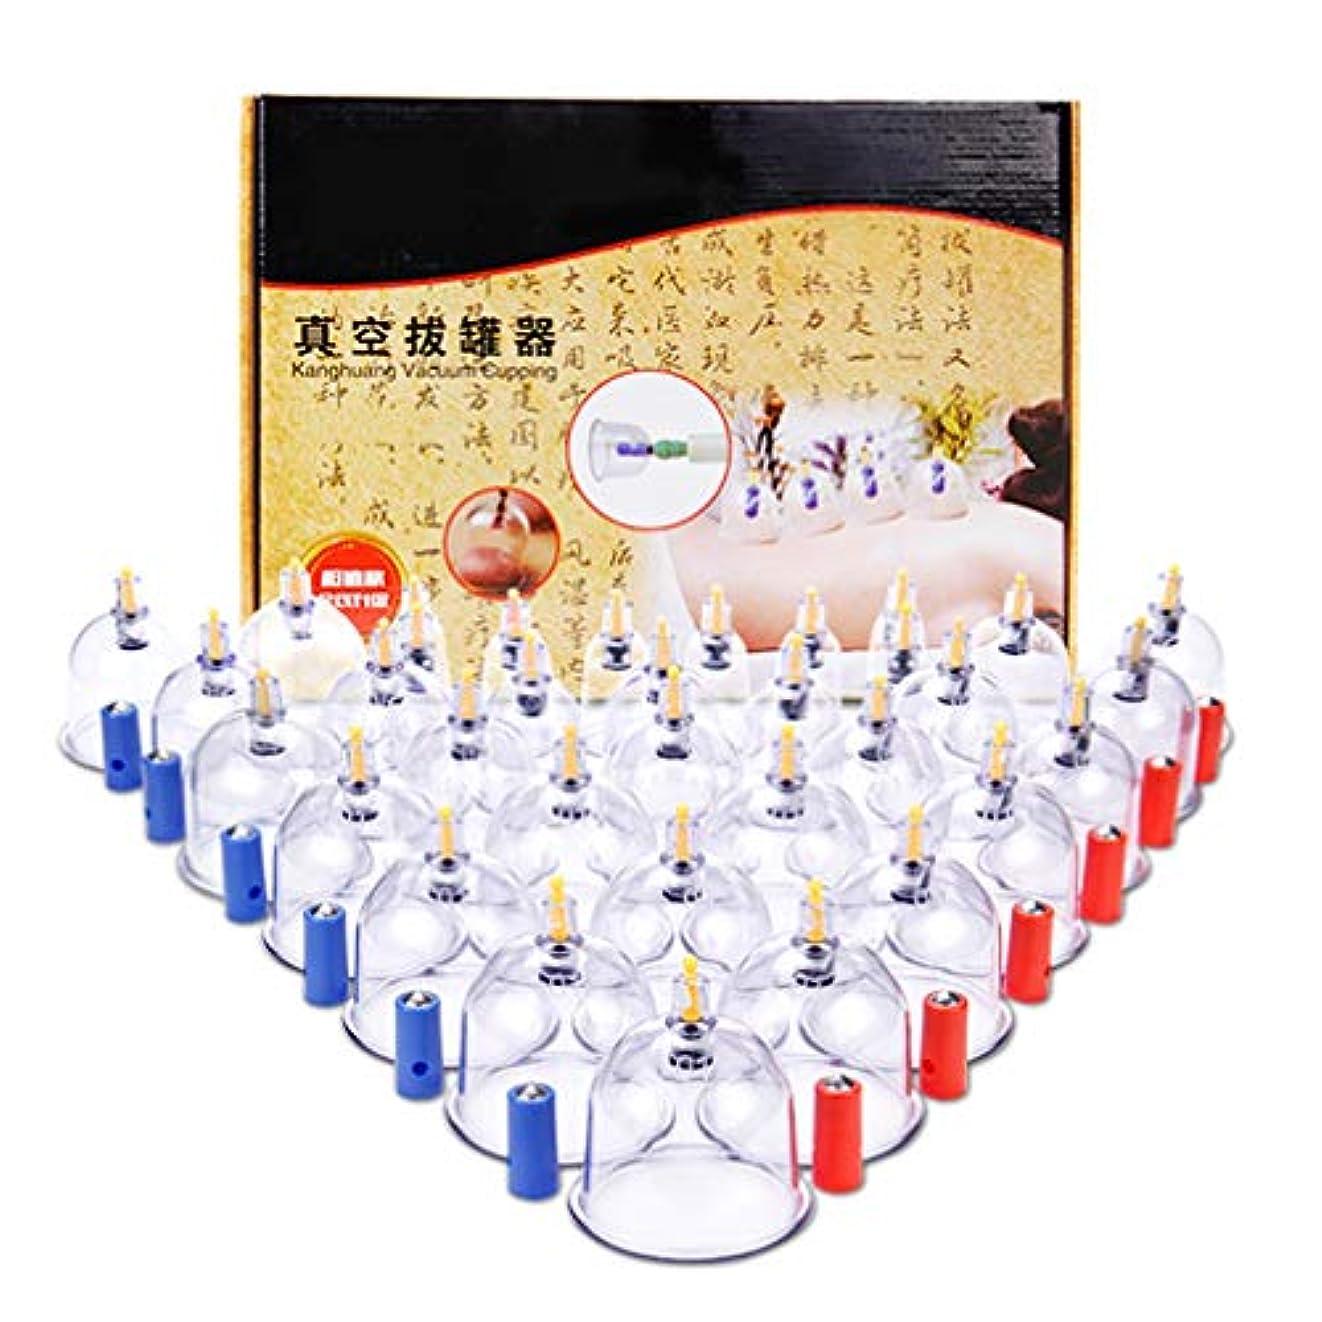 田舎ピックエンジニア32個の真空カッピングカップ、背中/首の痛み、減量のためのポンプハンドル中国式マッサージ医療用カッピングセット吸引鍼